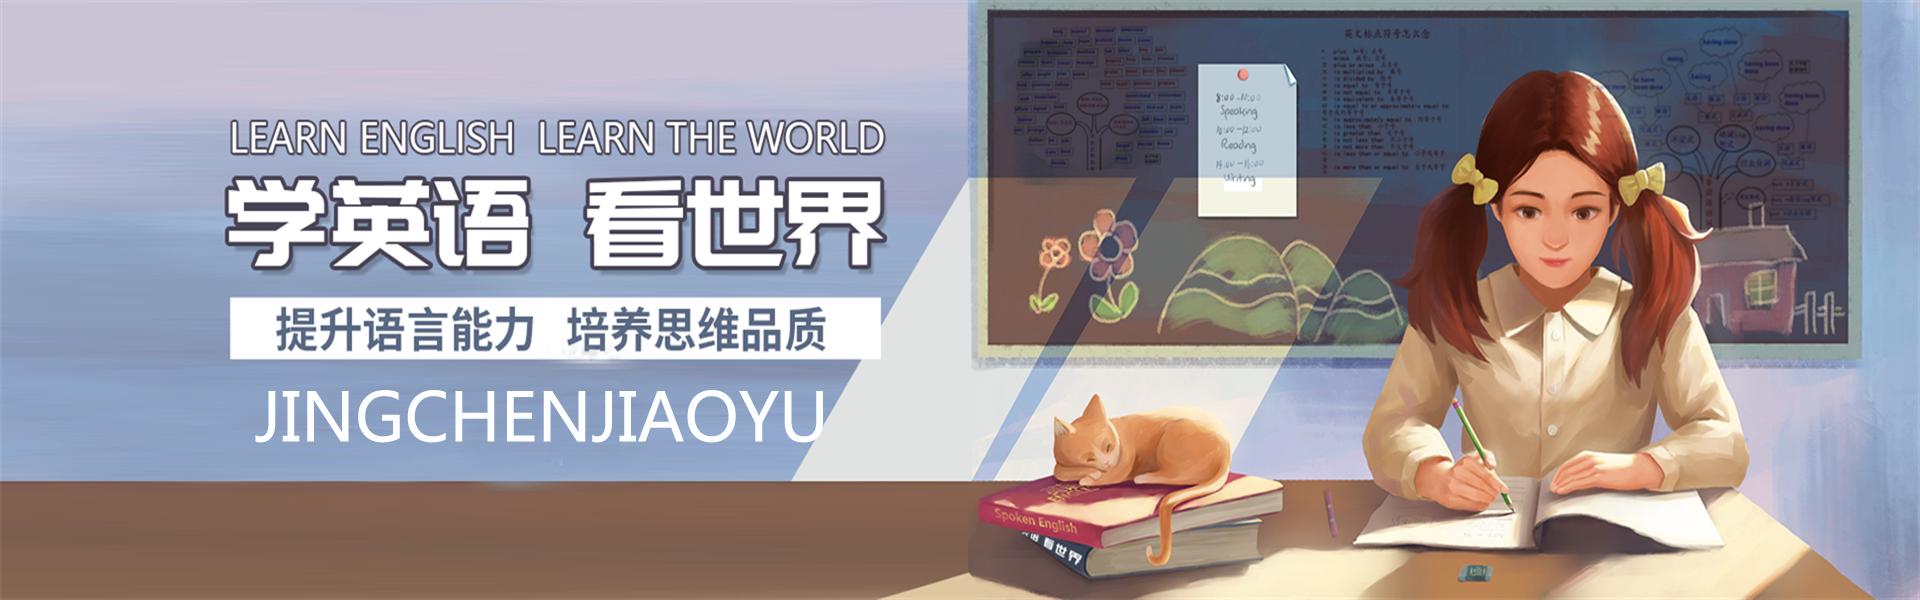 学英语、看世界 提升语言能力,培养思维品质!